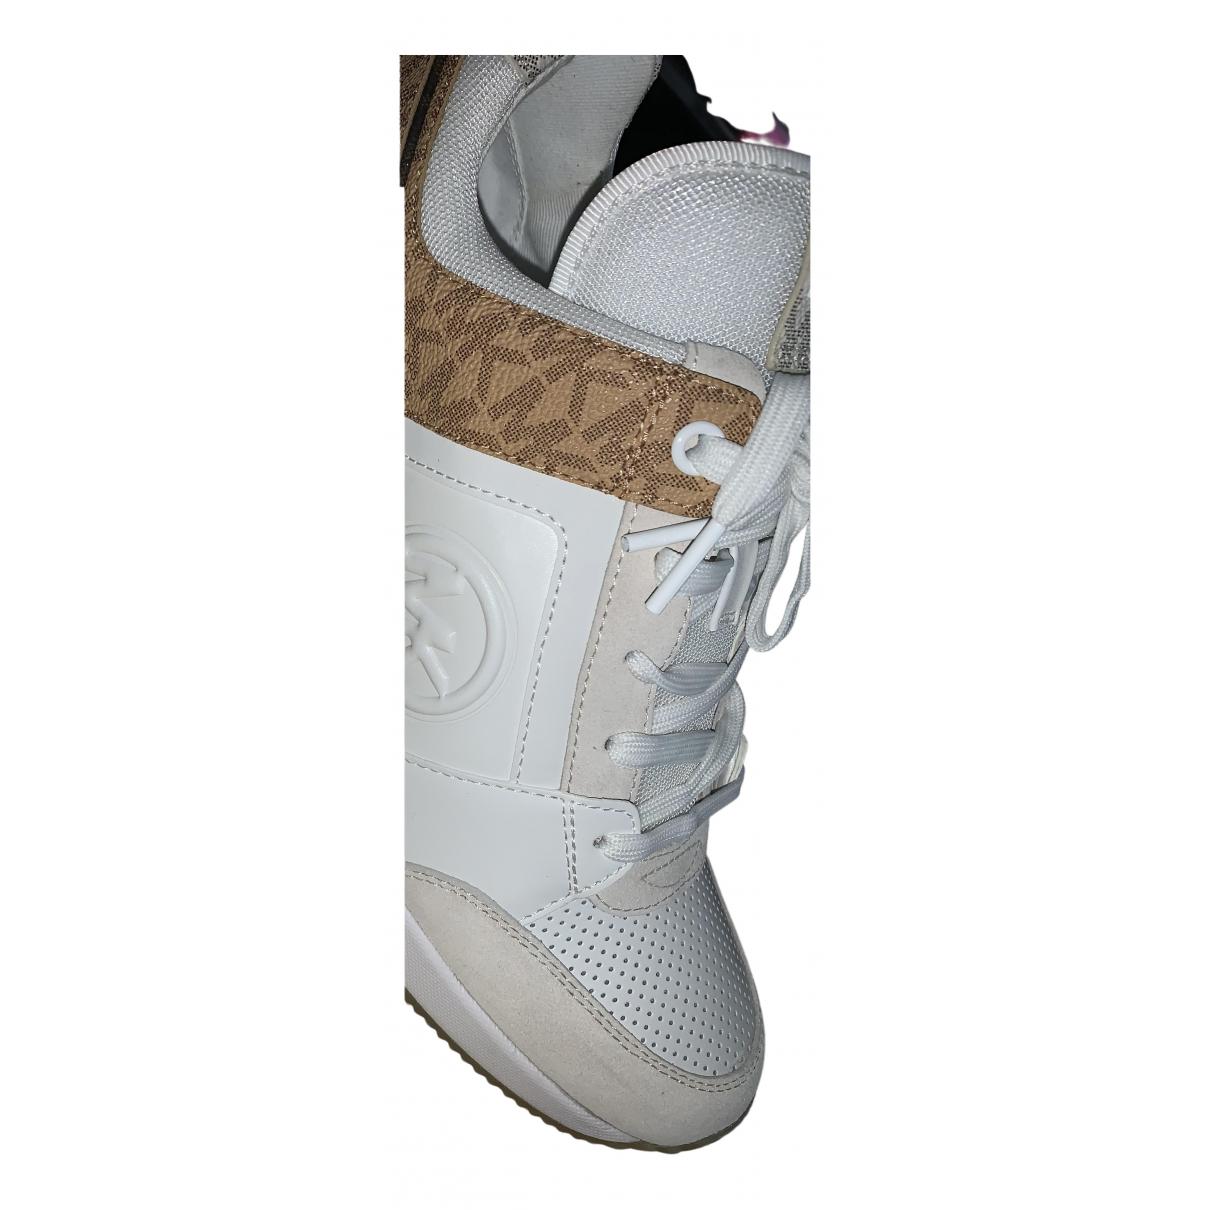 Michael Kors \N Sneakers in  Weiss Leder